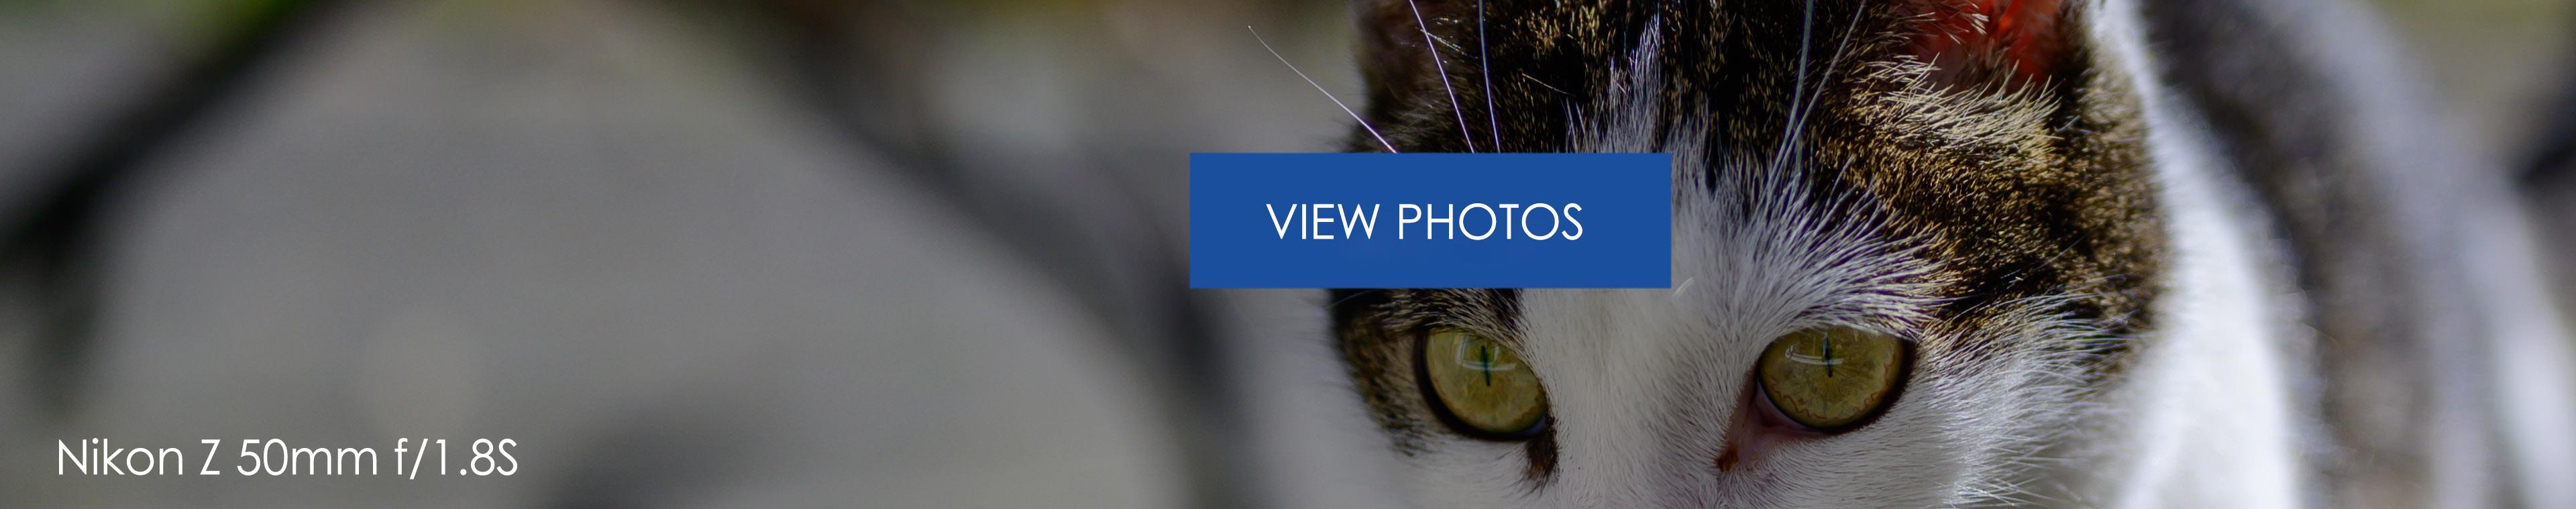 Nikon Z 50mm 1p8 Viewfoto3840